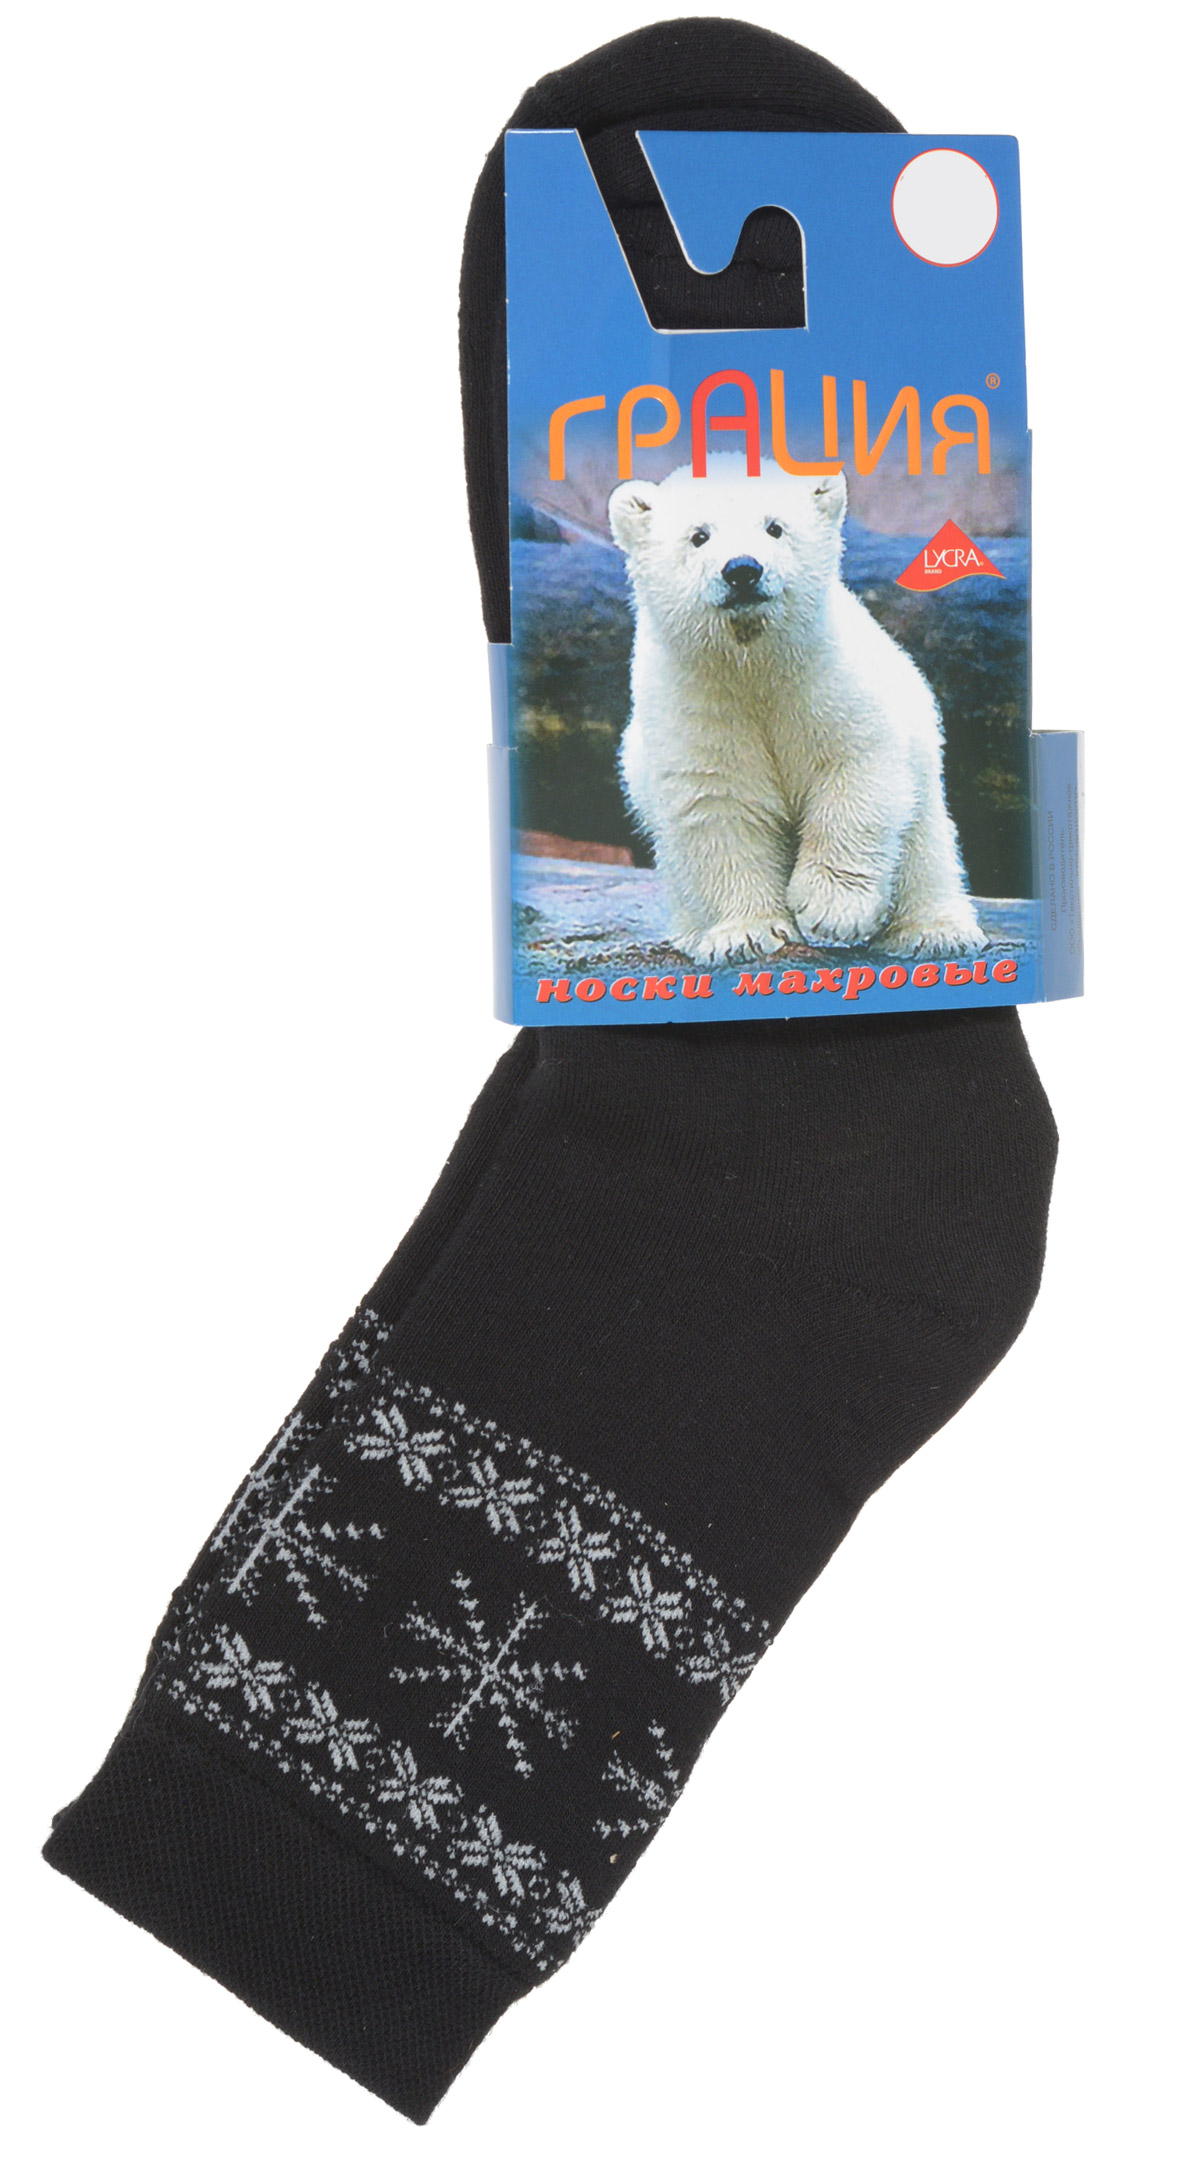 Носки женские Грация, цвет: черный, белый. М 1011. Размер 2 (38/40)М 1011Теплые женские носки Грация, изготовленные из высококачественного комбинированного материала, очень мягкие и приятные на ощупь, позволяют коже дышать. Эластичная резинка плотно облегает ногу, не сдавливая ее, обеспечивая комфорт и удобство. Махровые носки с удлиненным паголенком, который оформлен орнаментом из снежинок.Удобные и комфортные носки великолепно подойдут к любой вашей обуви.